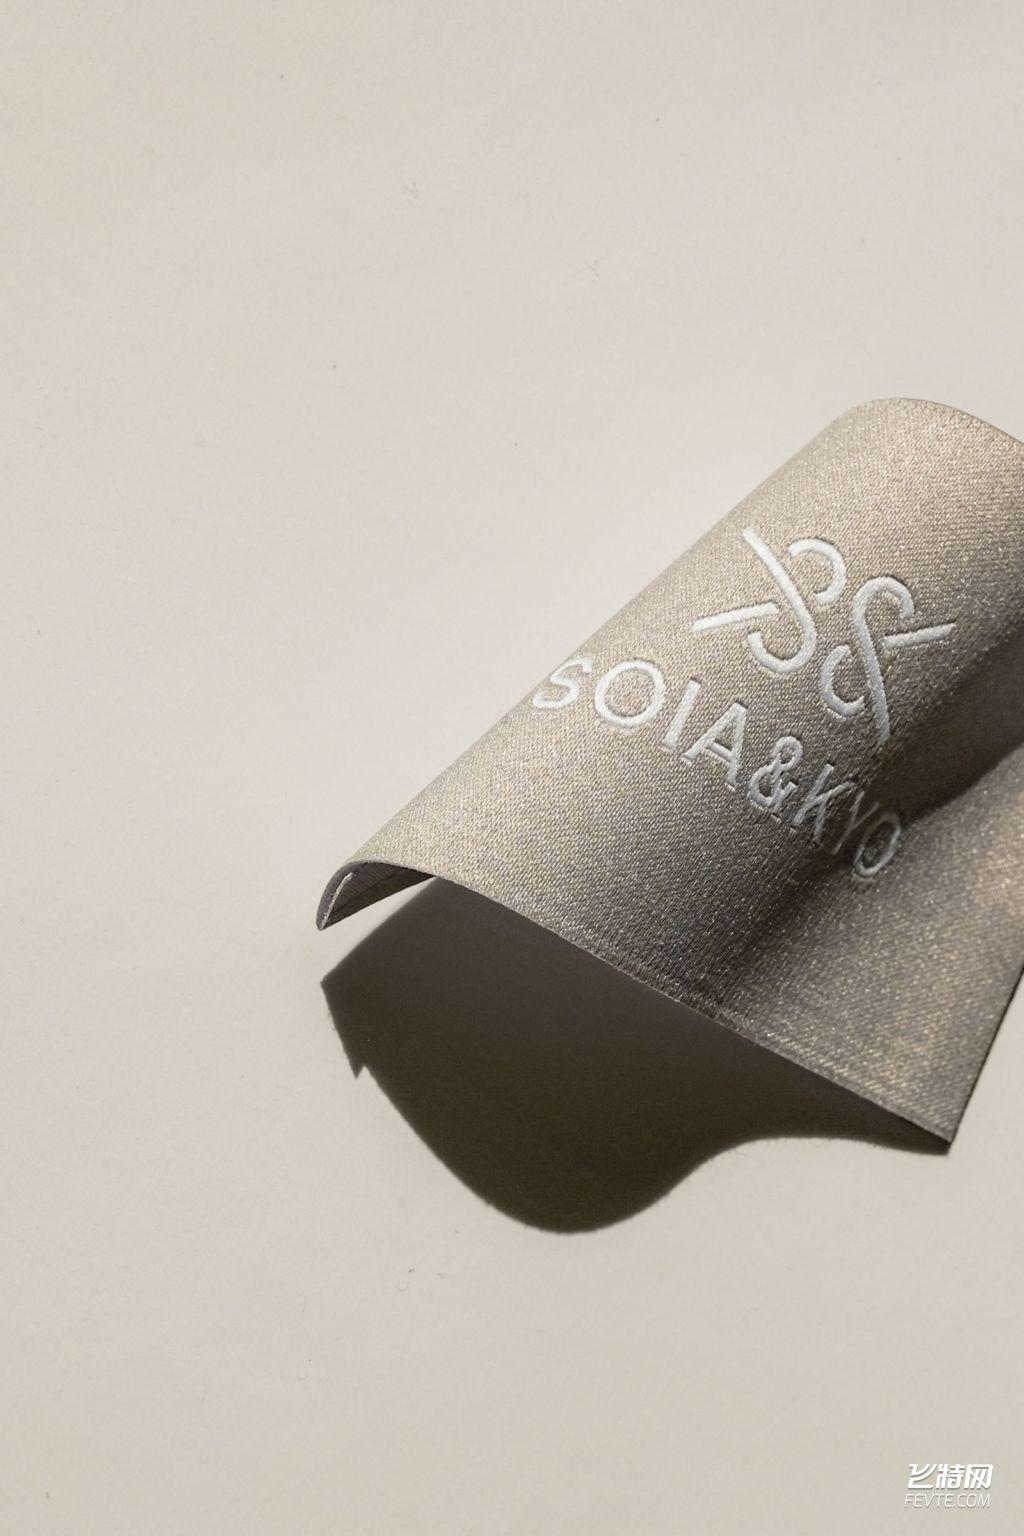 一套奢侈品服饰标志设计 飞特网 标志设计